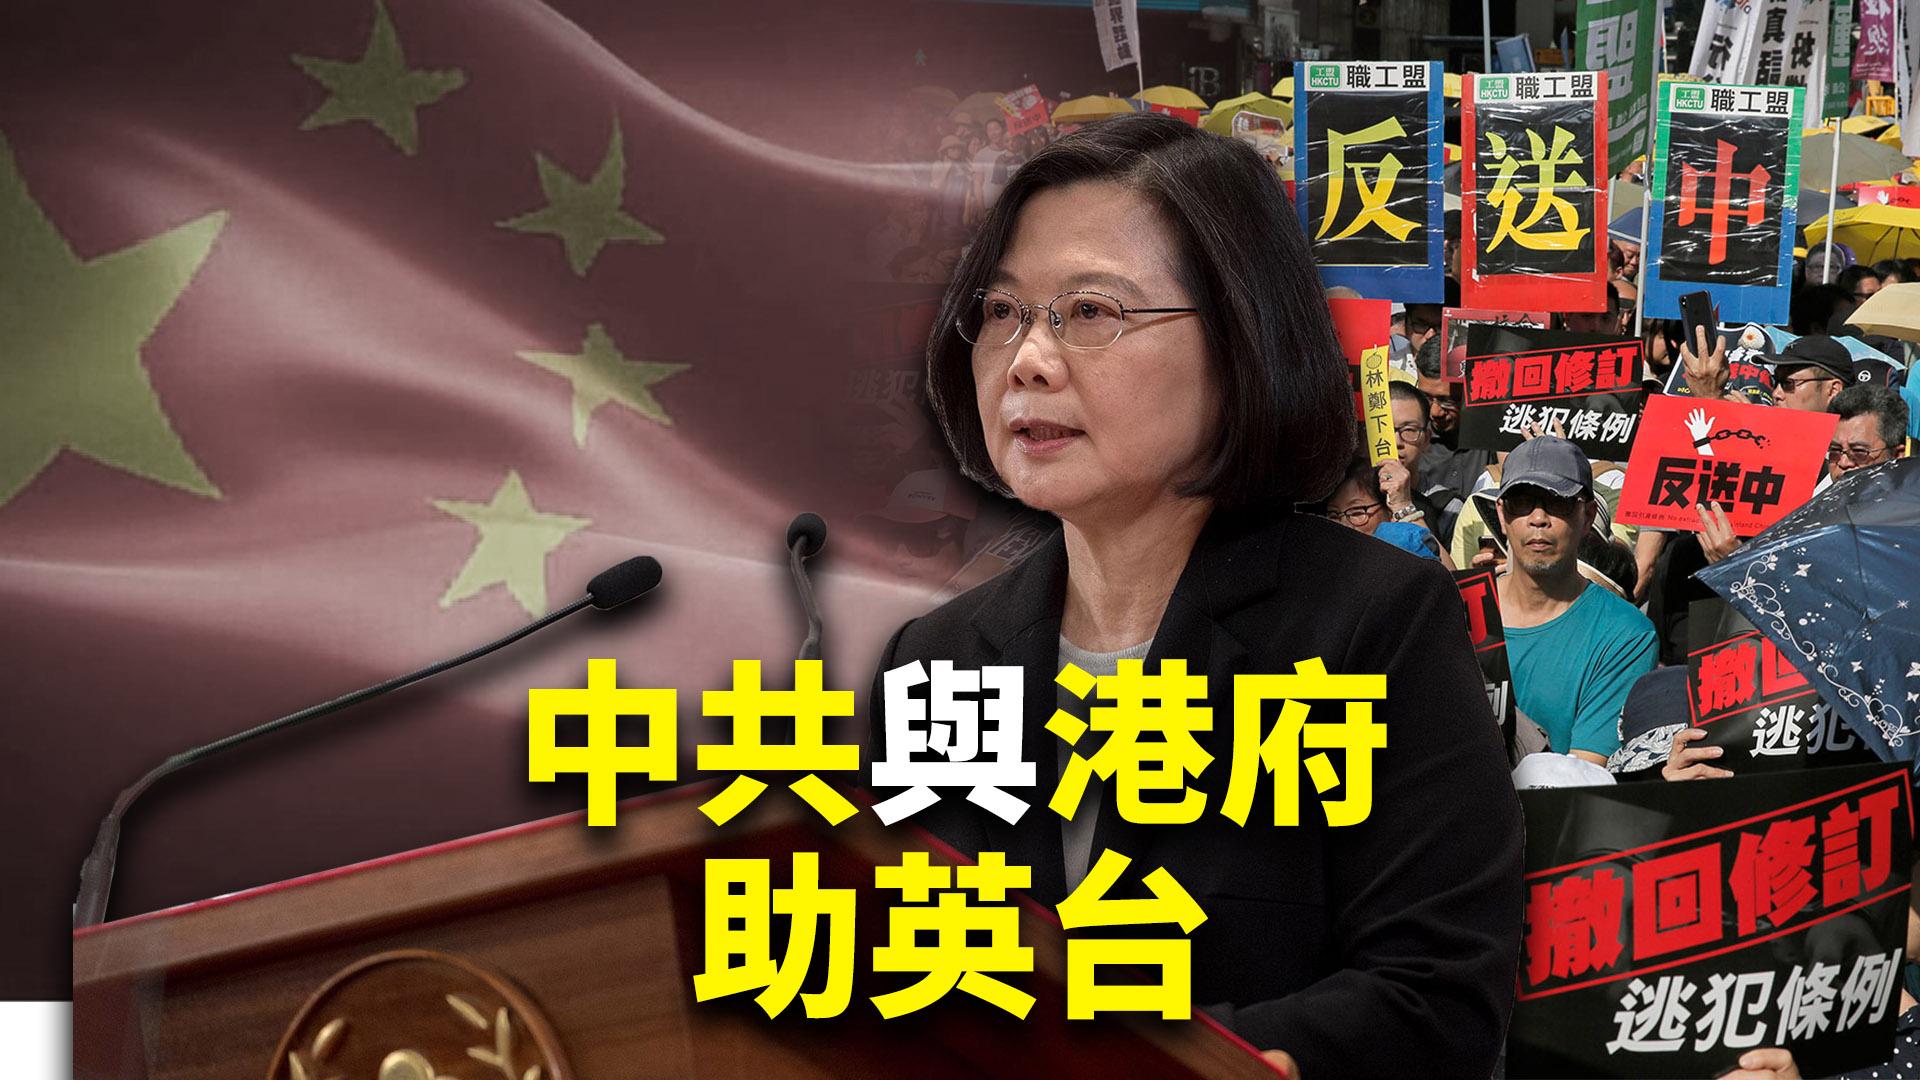 【十字路口】港警變魔警 台總統大選誰受益?